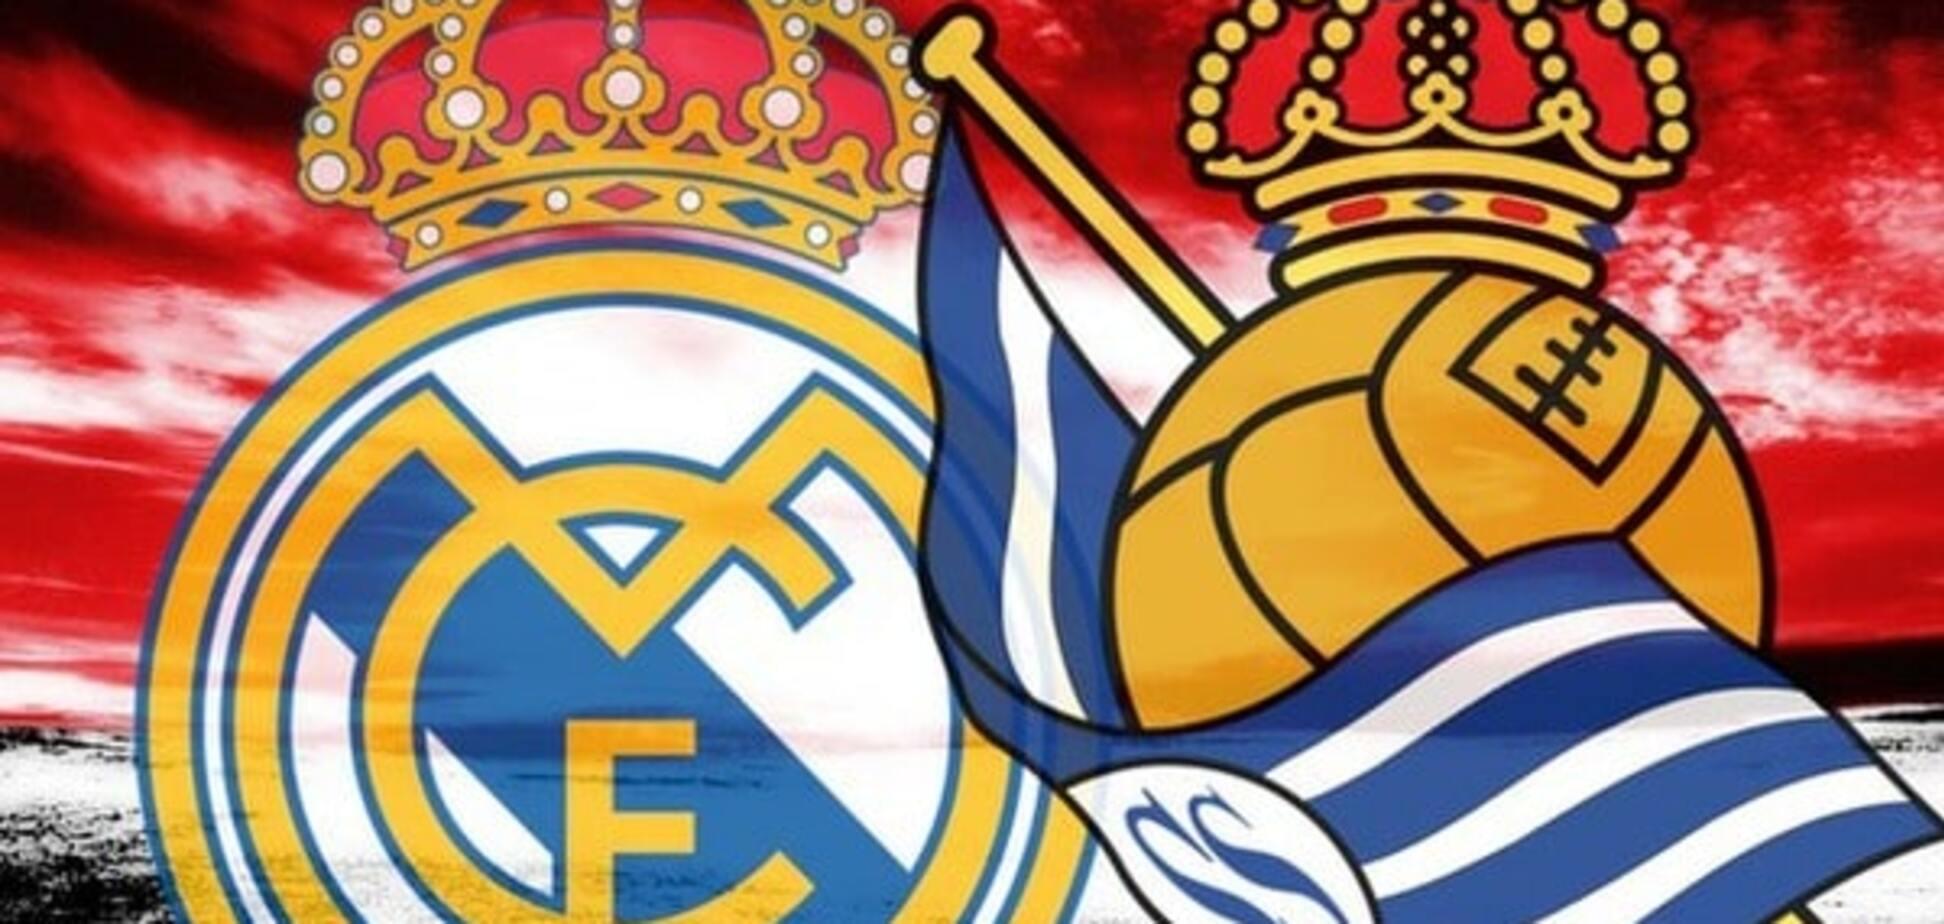 Реал – Реал Сосьедад: прогноз букмекеров, где смотреть матч чемпионата Испании